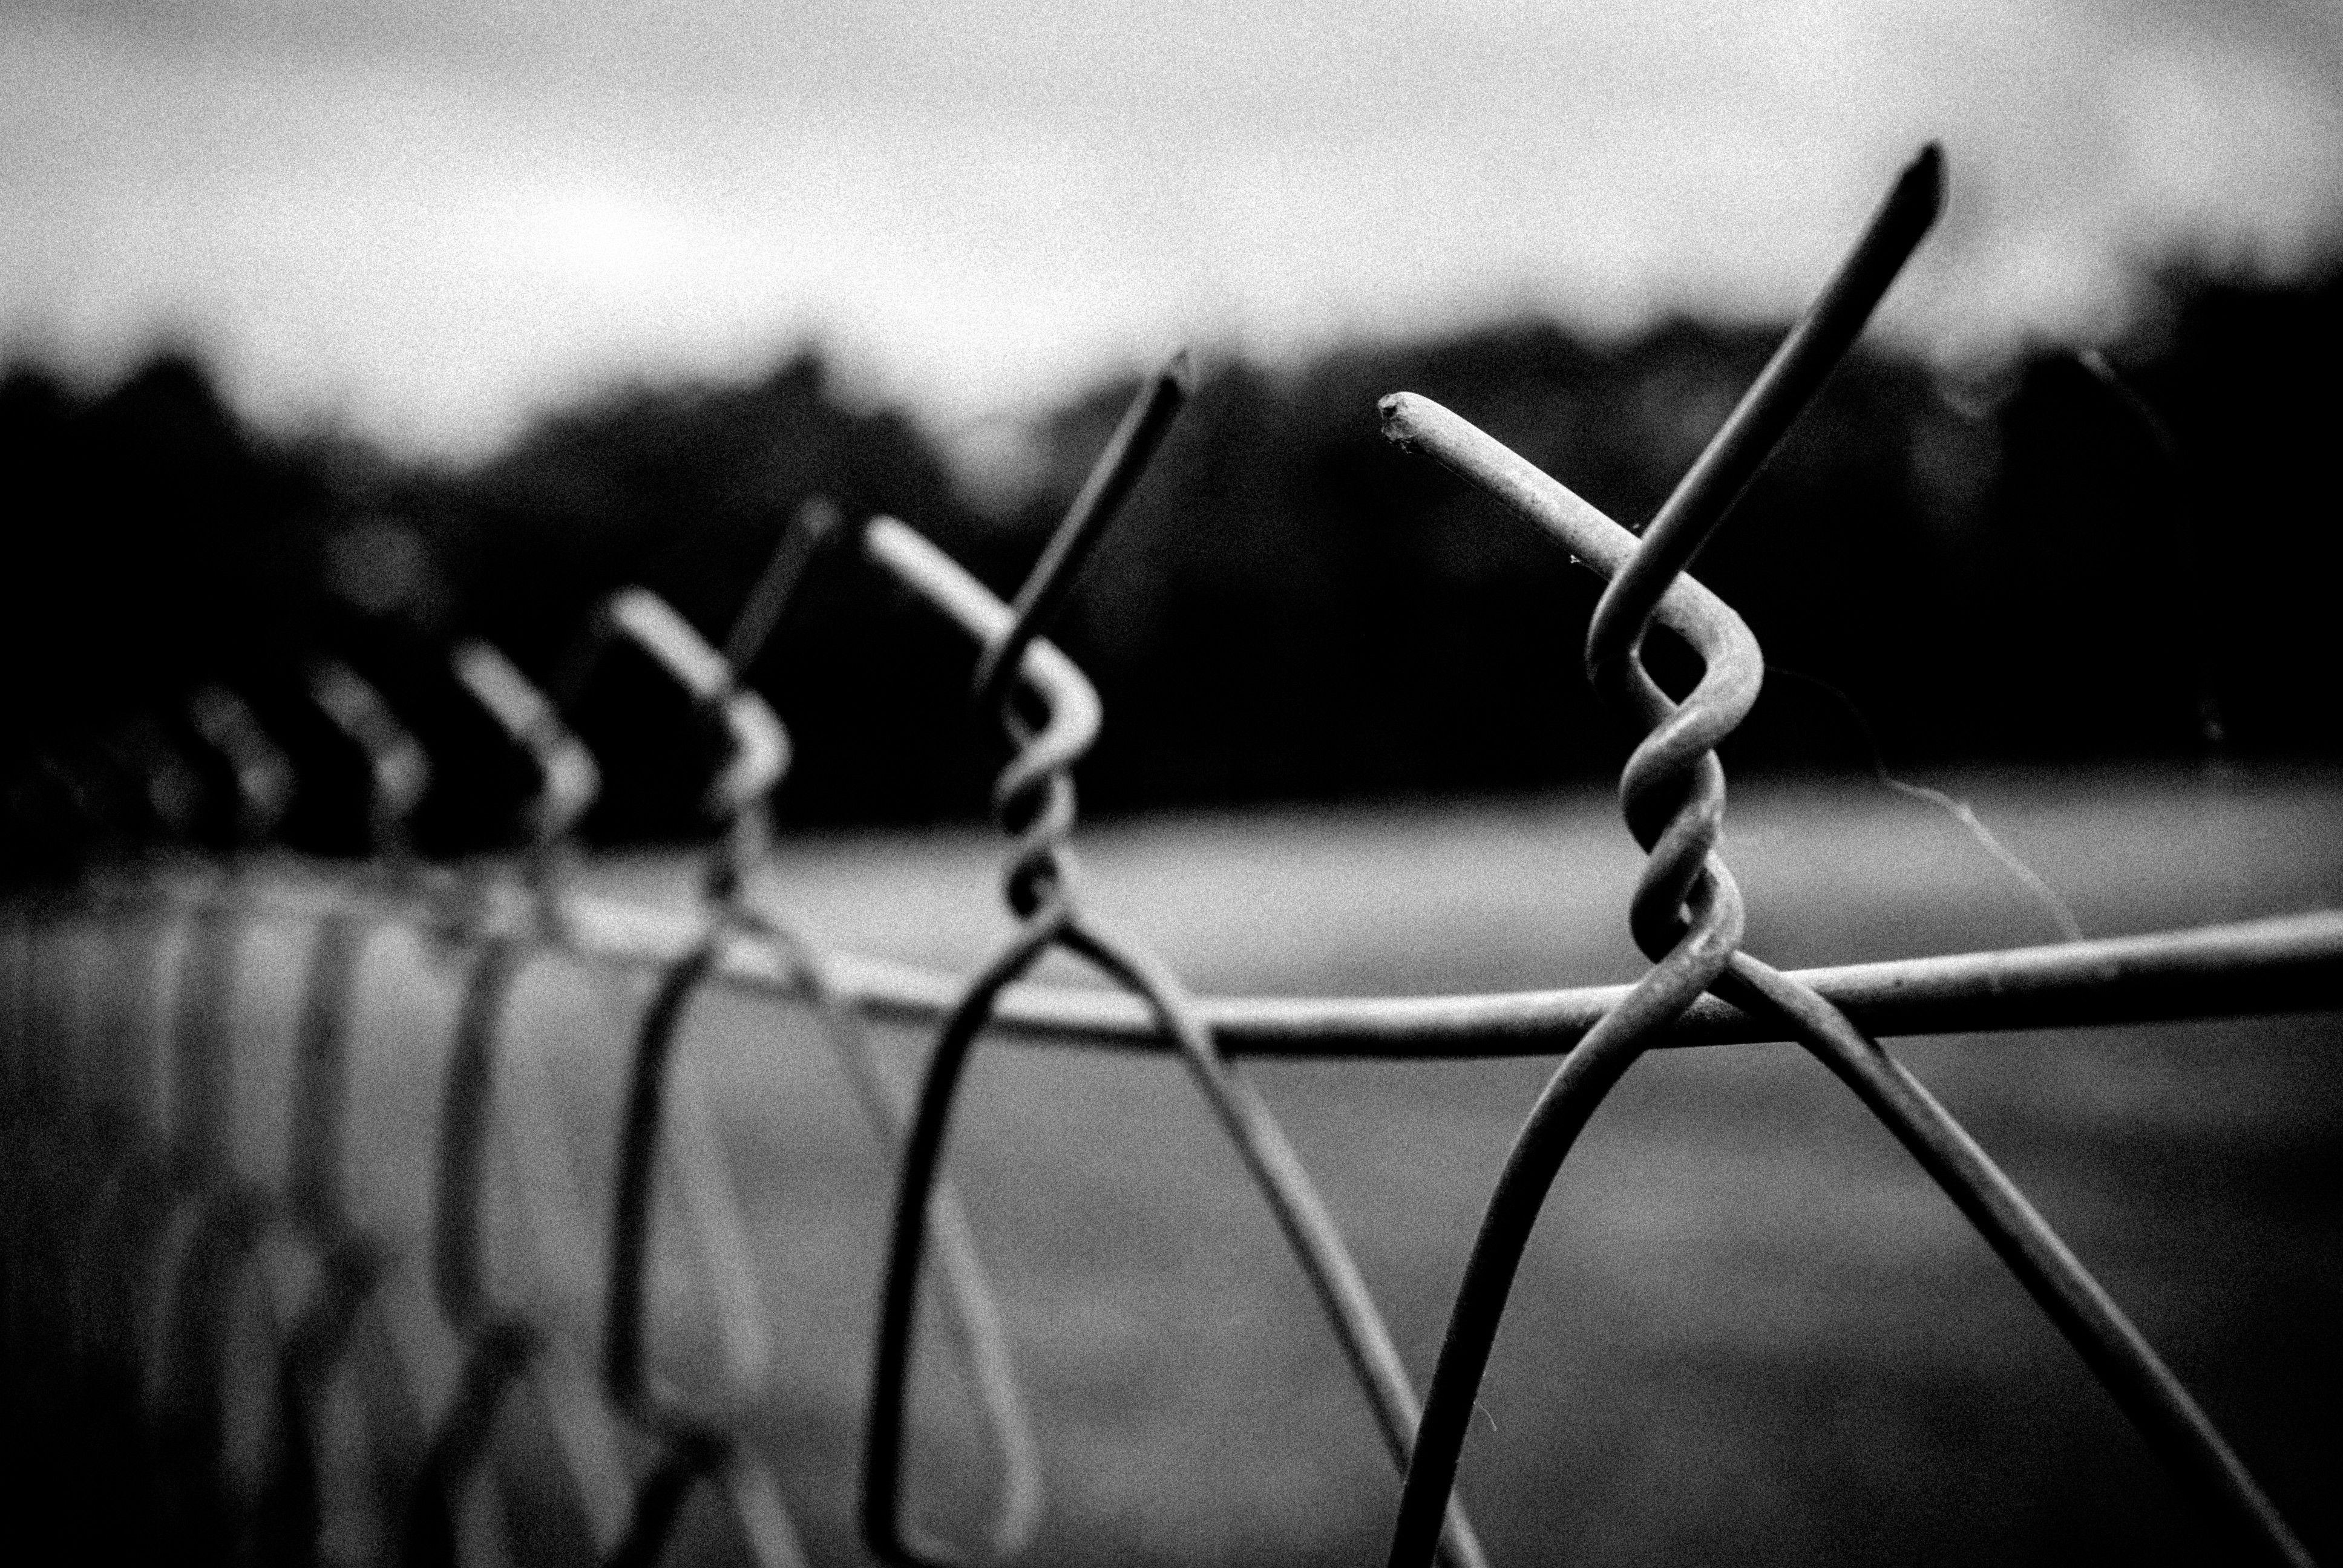 Чиновники же уверяют, что права заключенных в колонии не нарушаются/ flickr.com/Jérémy LARROQUE